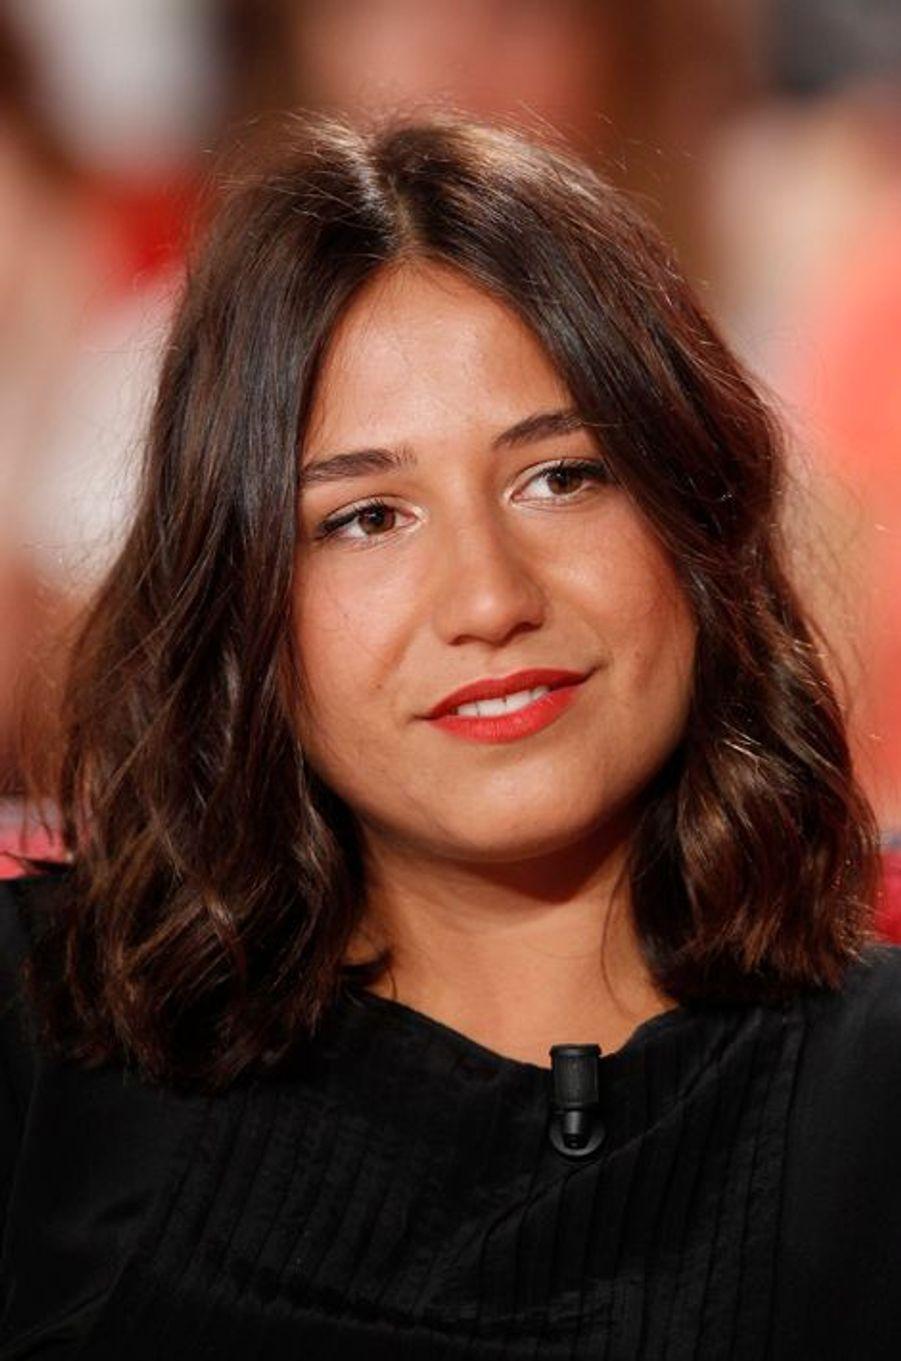 Izia Higelin lors de l'enregistrement de «Vivement Dimanche» Omar Sy à Paris, le 1er octobre 2014